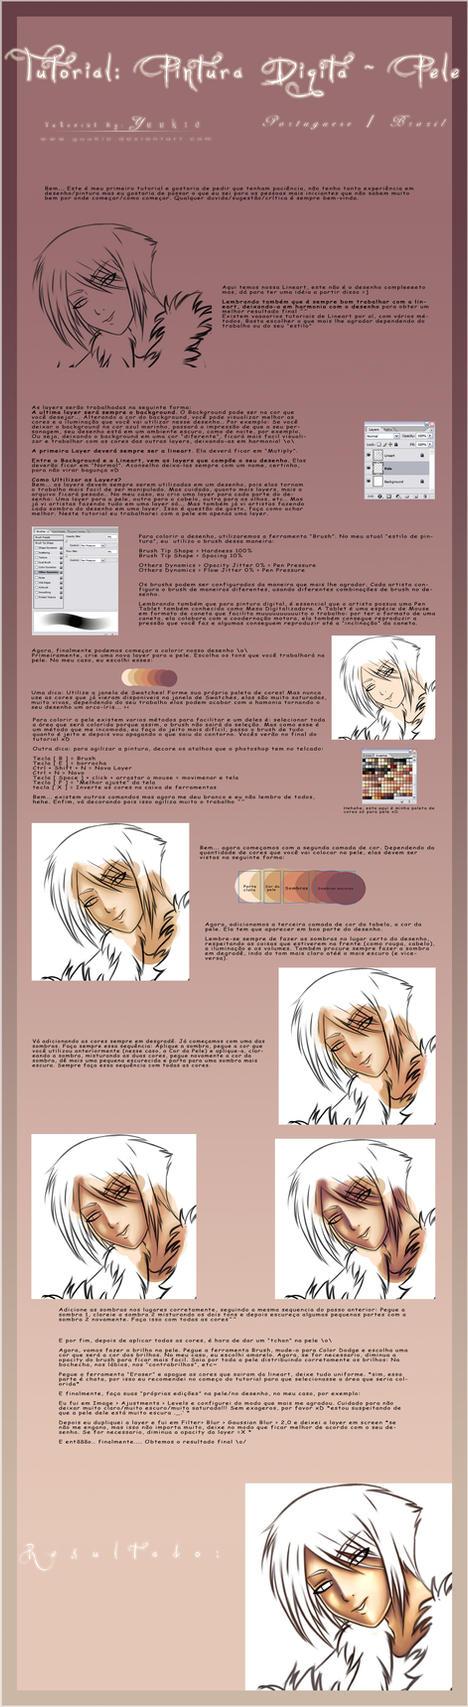 Tutorial Pintura Digital: Pele by Yuukie